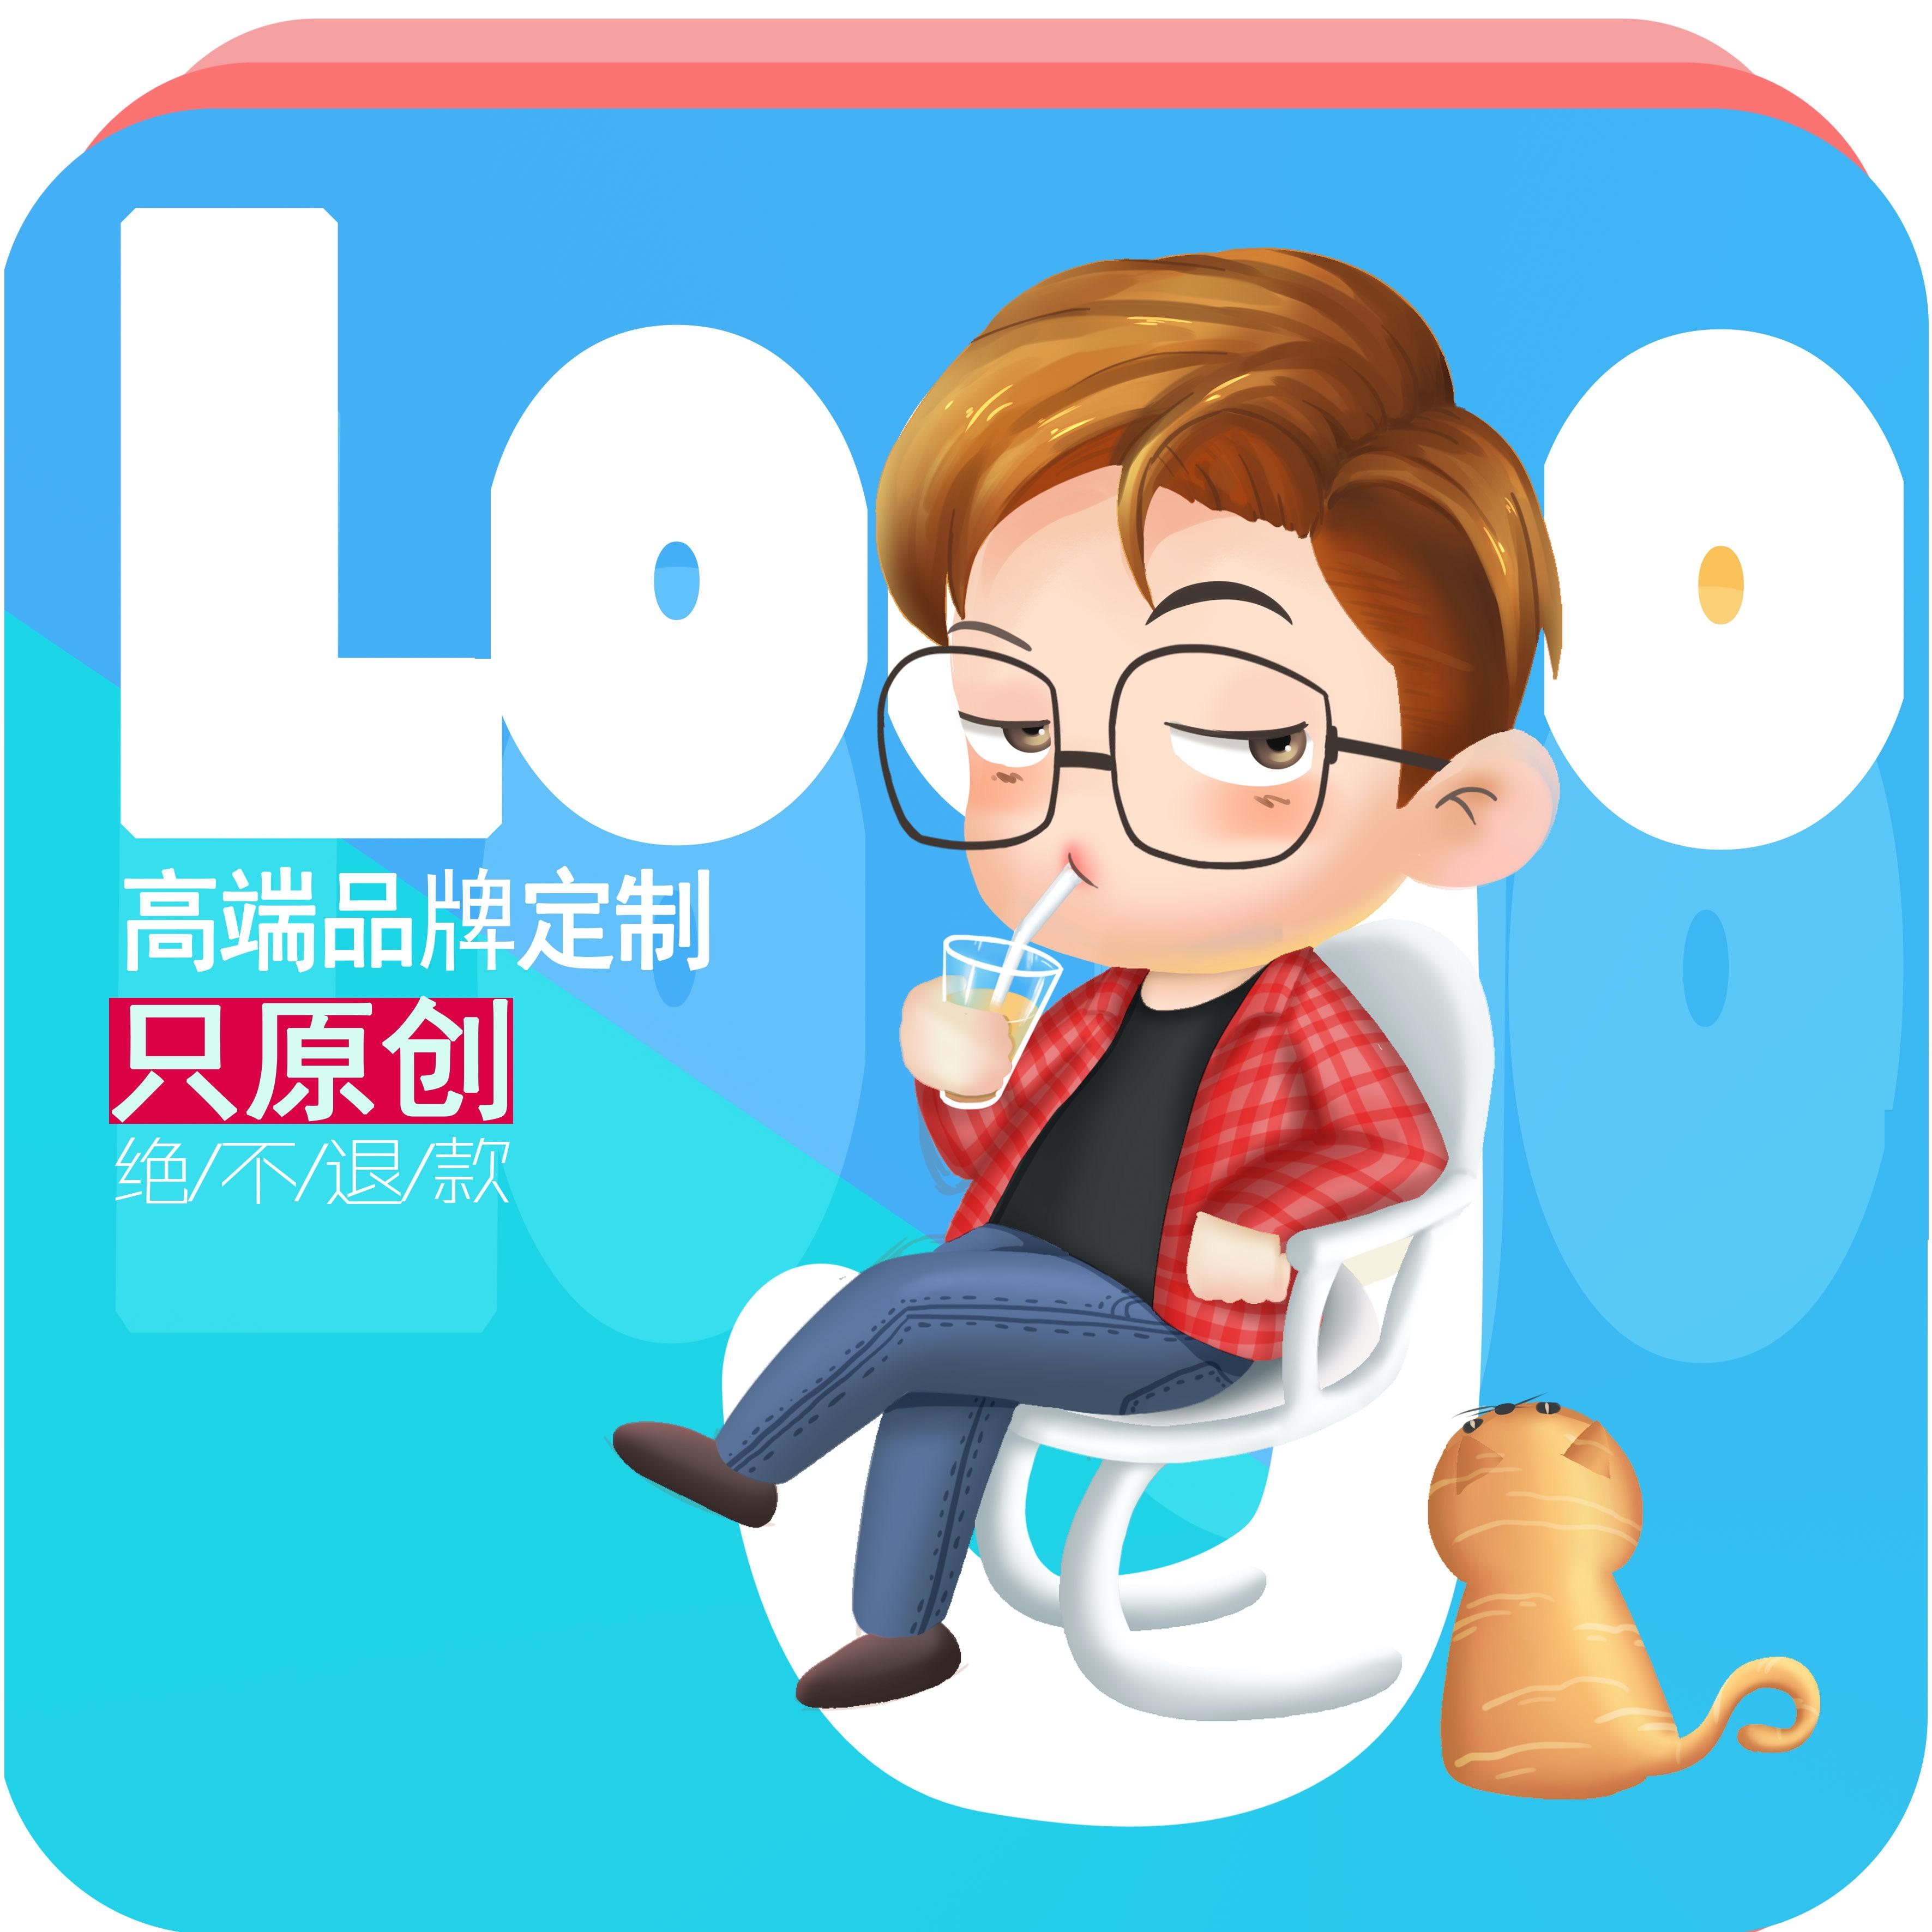 餐饮 logo   卡通 logo   微信 logo  特价 logo